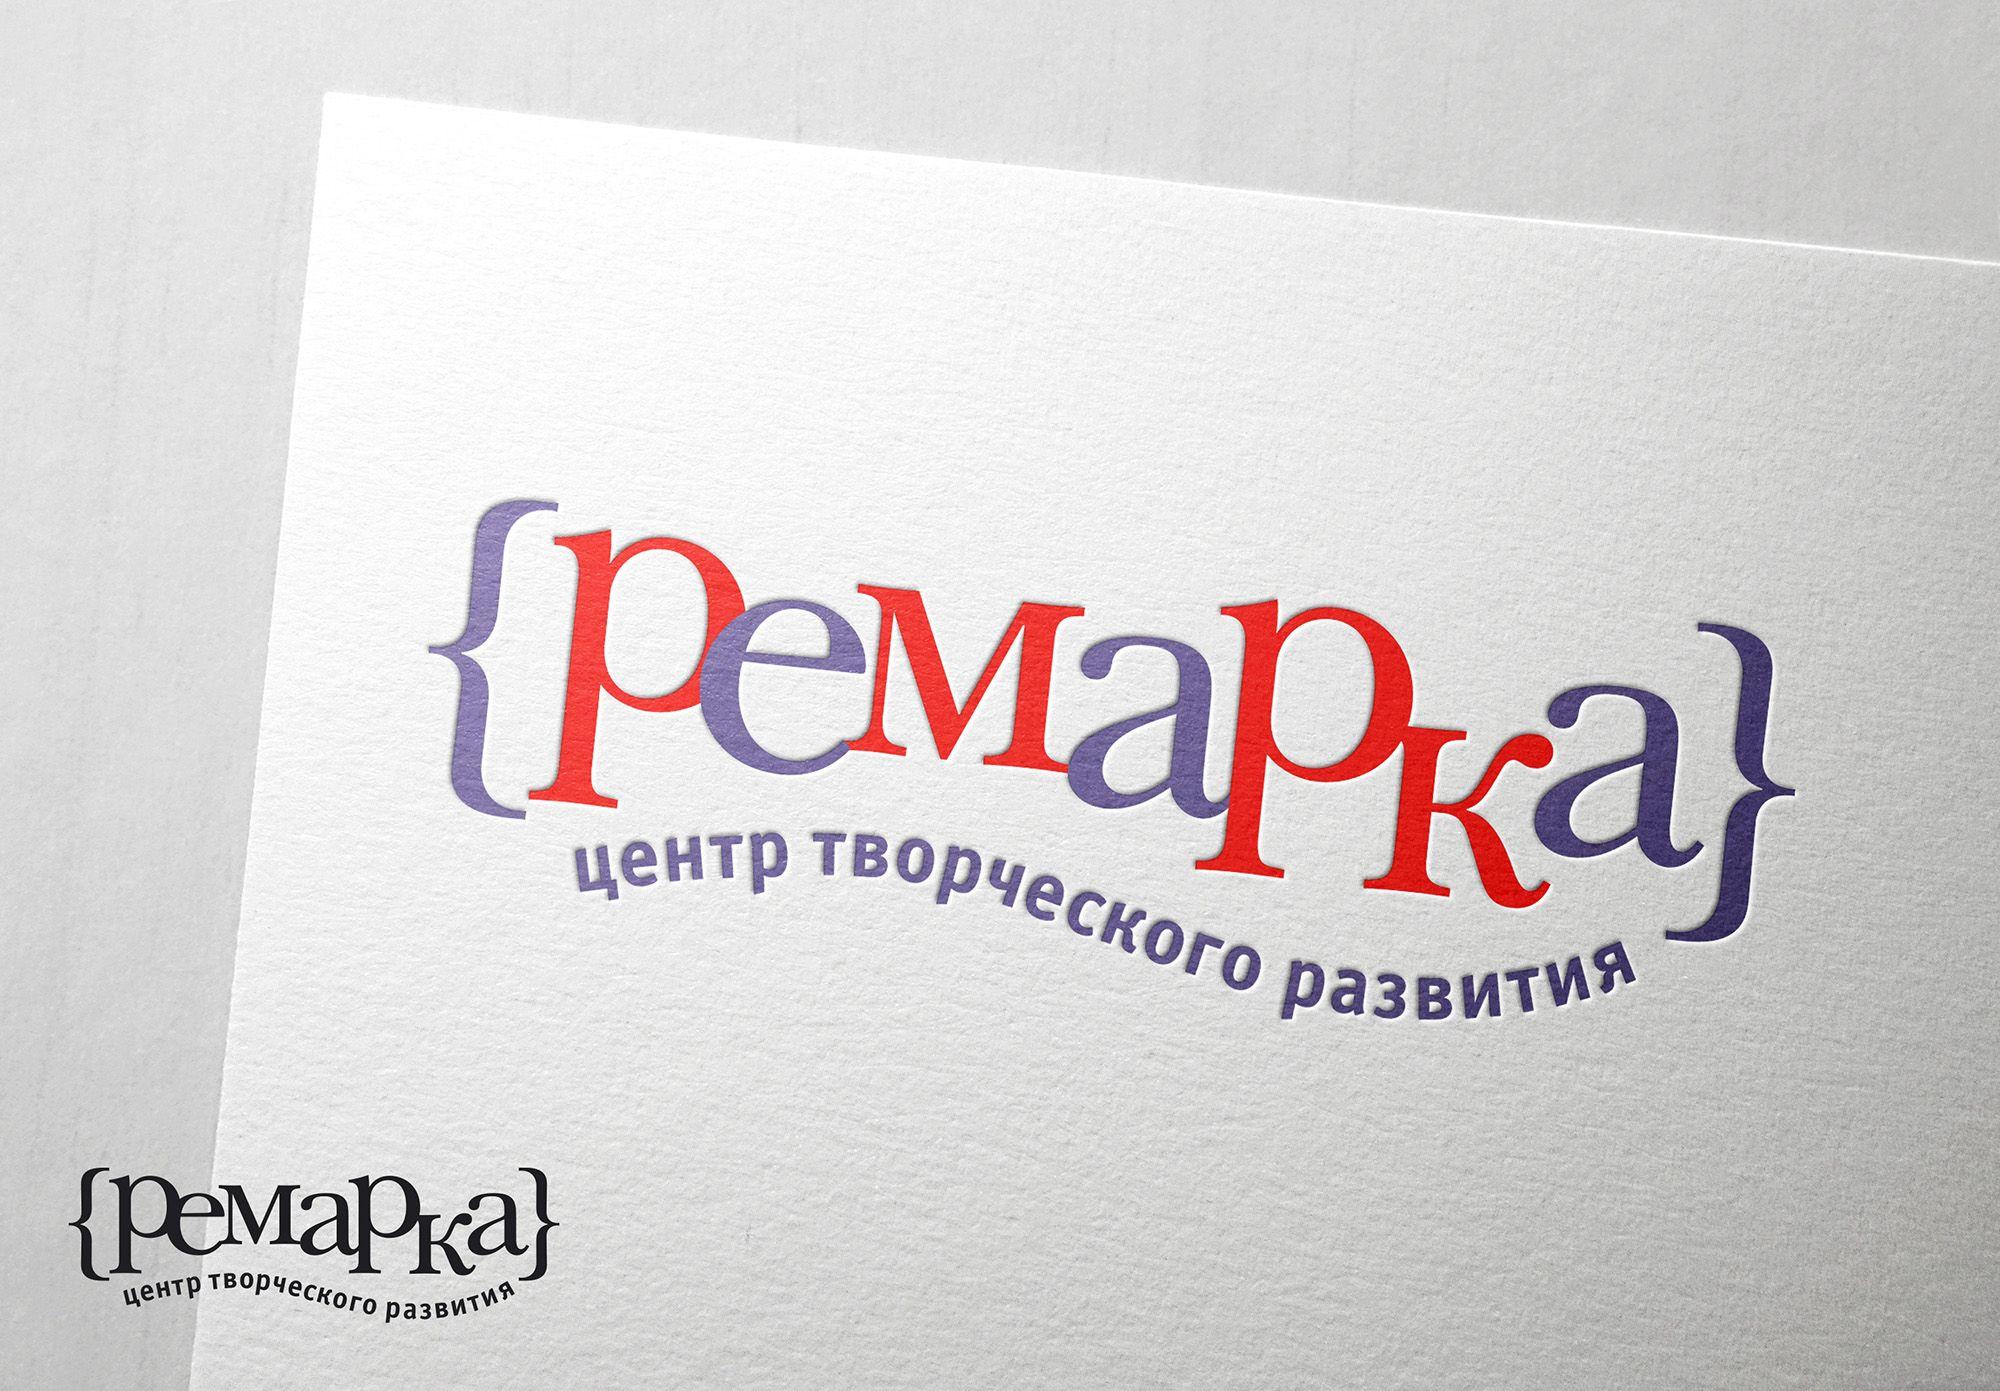 Фирменный стиль для центра развития Ремарка - дизайнер mit-sey